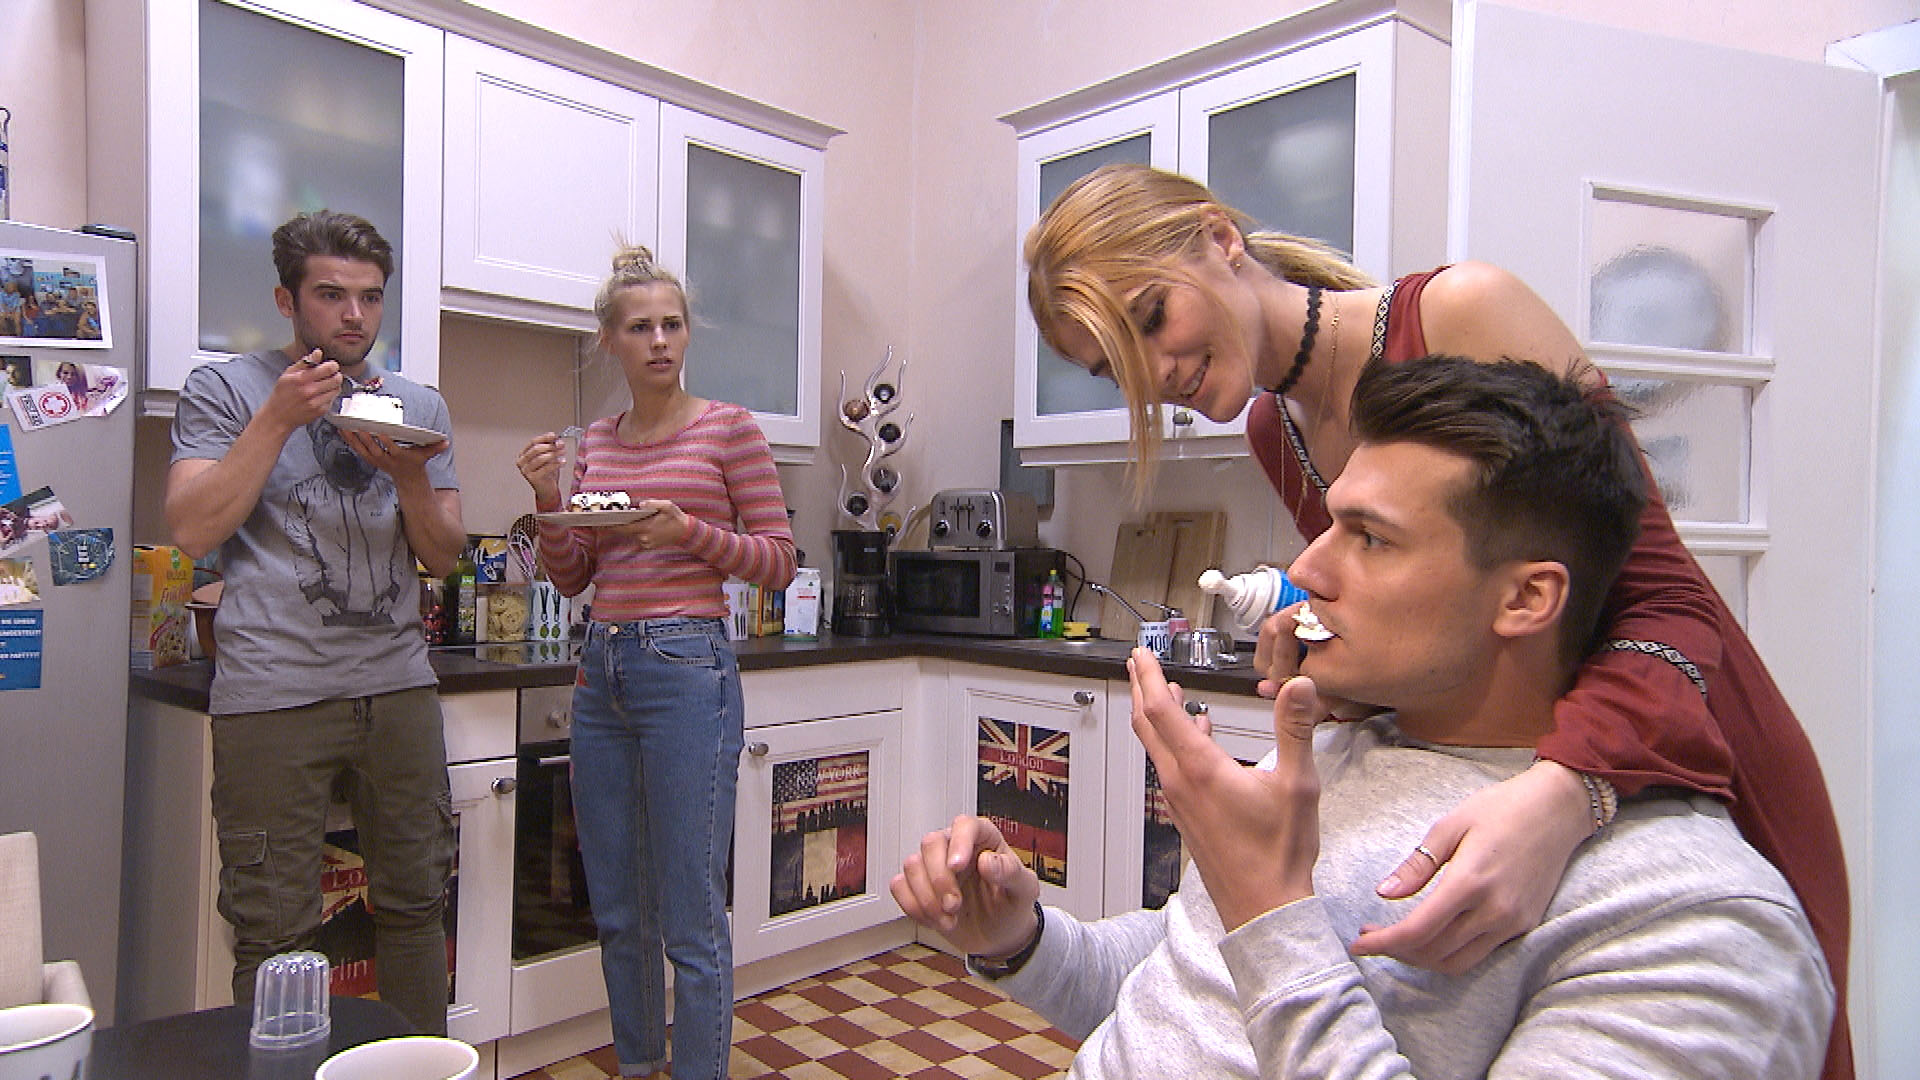 Flo ist genervt, als er Marc und Jule knutschend in der Küche antrifft (Quelle: RTL 2)